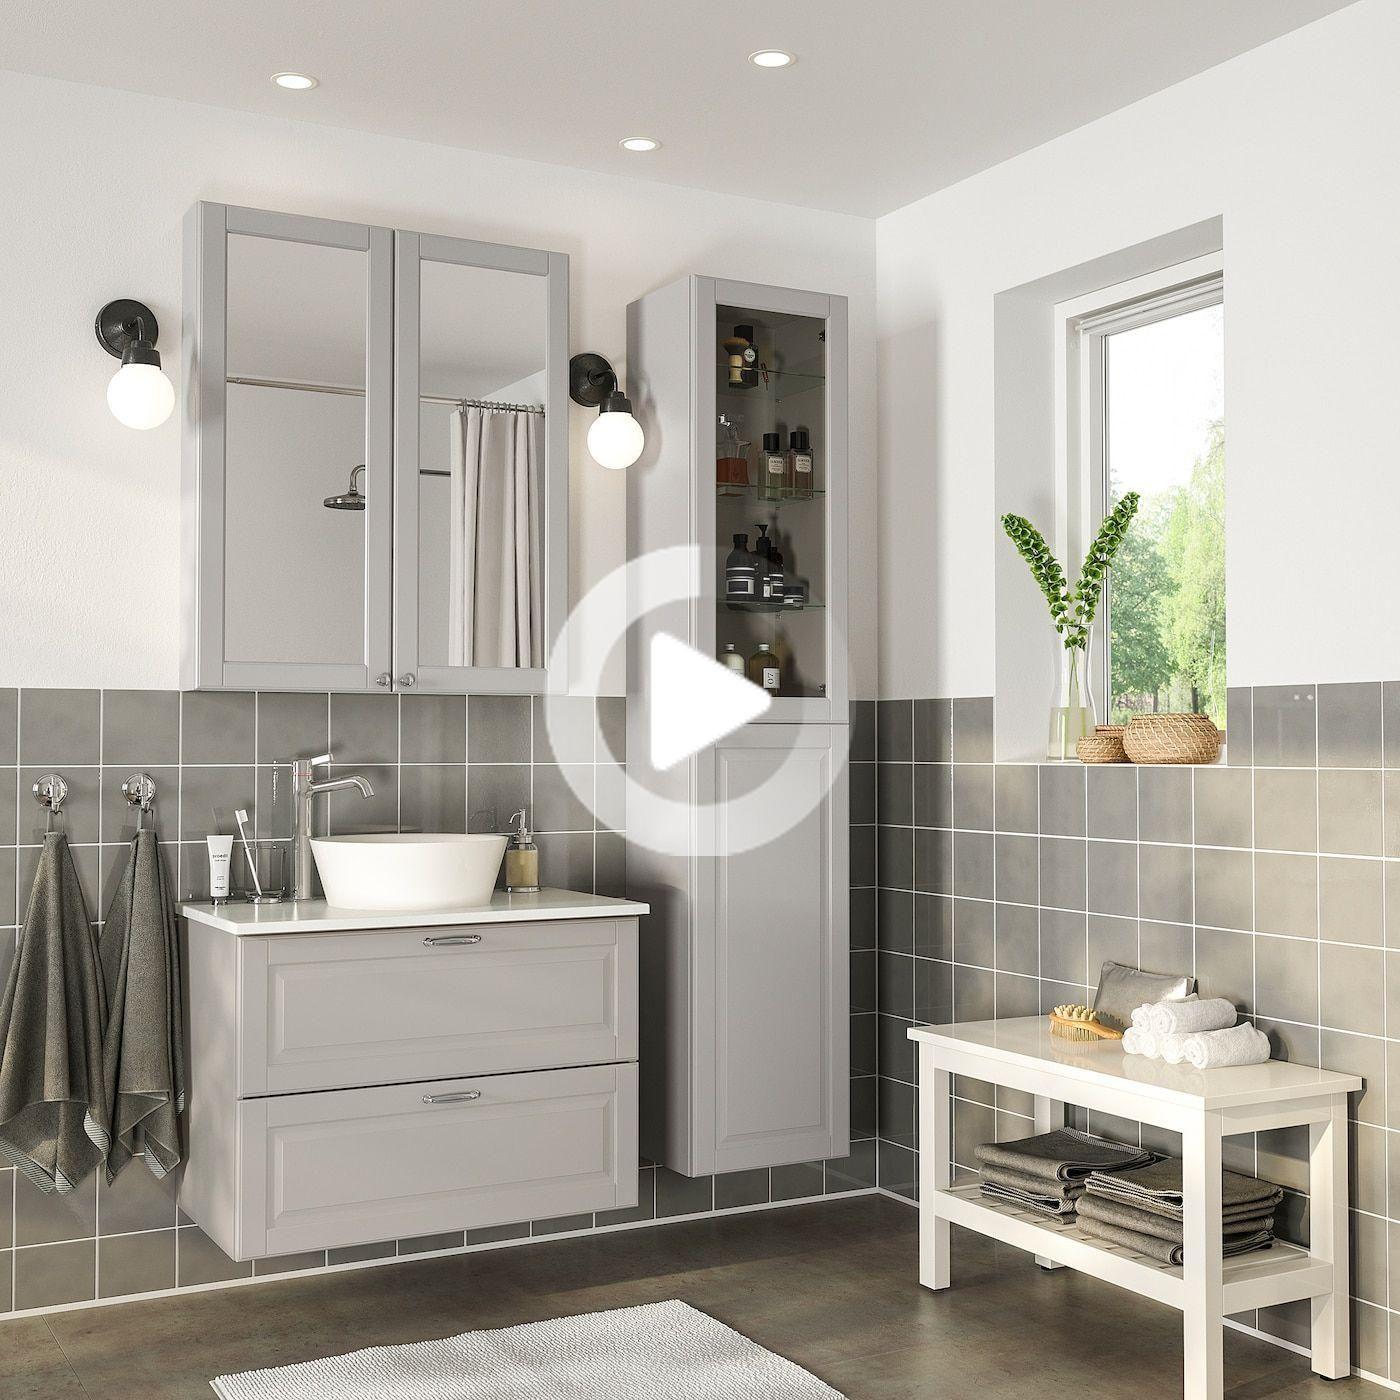 IKEA - GODMORGON/TOLKEN / KATTEVIK Mobilier salle de bains, 18